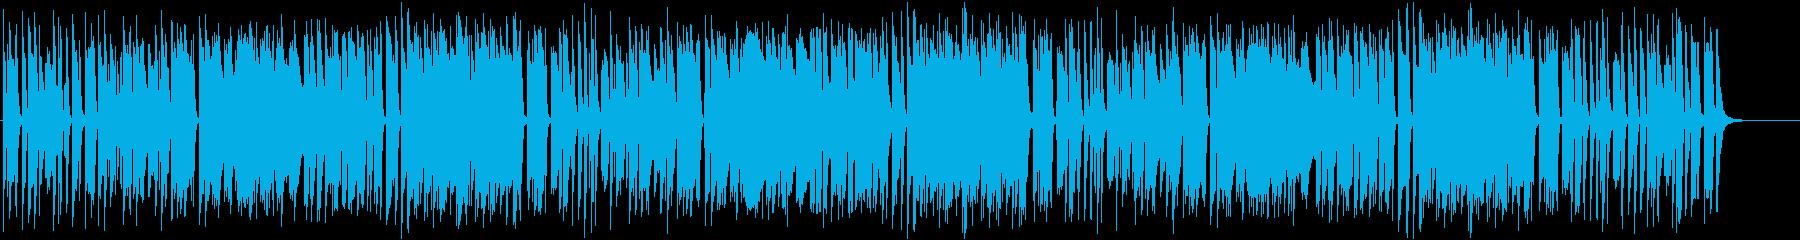 インパクトあるメロディがおもしろいピアノの再生済みの波形